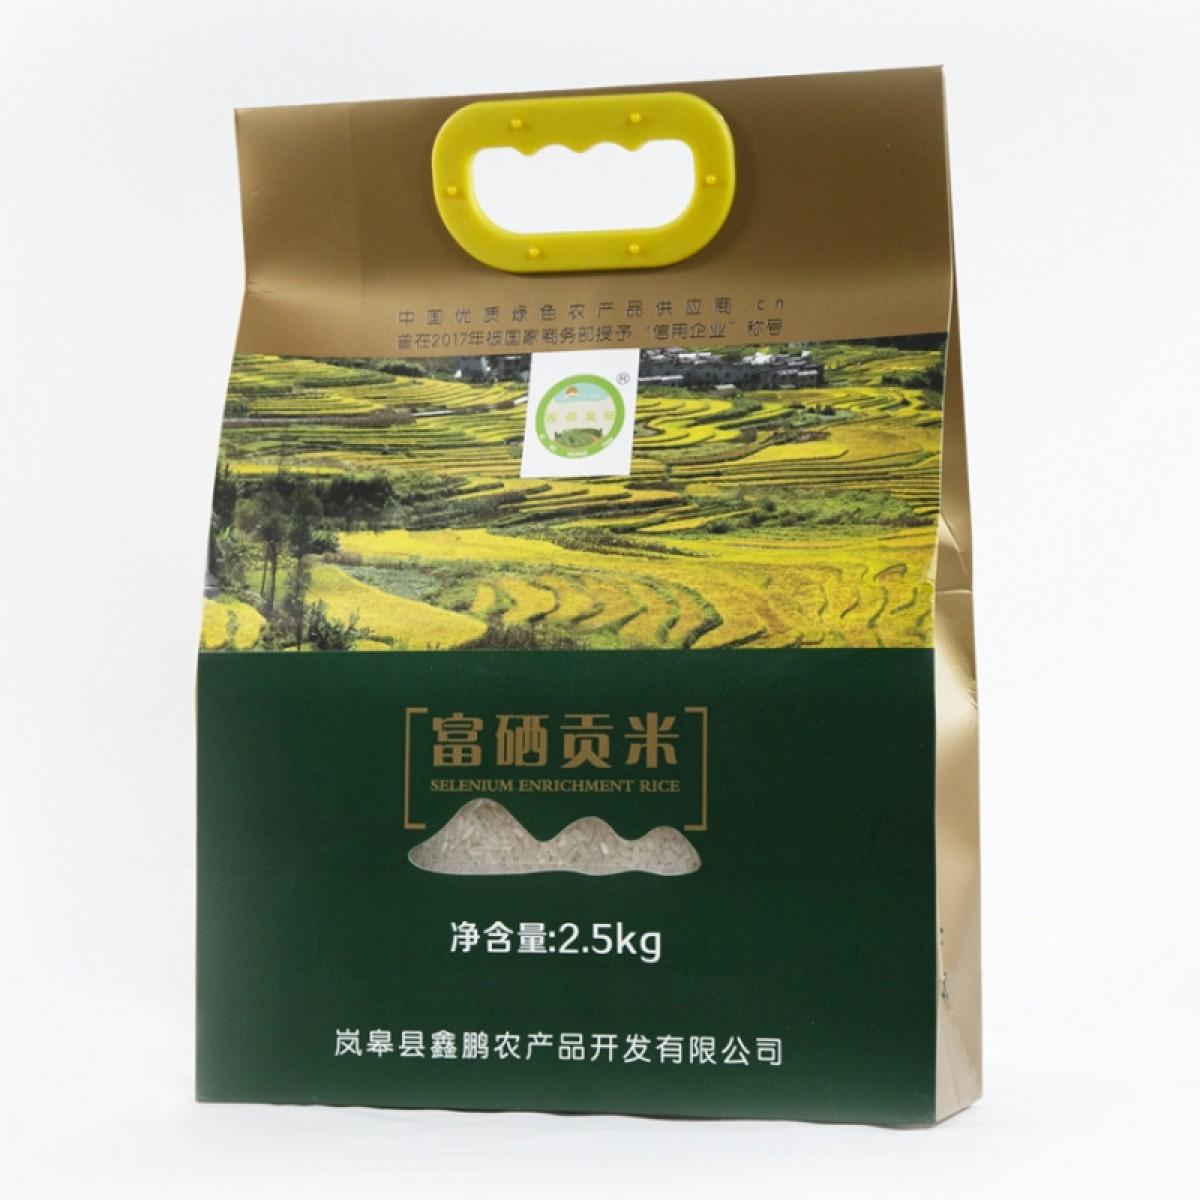 安康硒品1号店 岚皋大米 西部皇田2.5kg富硒大米